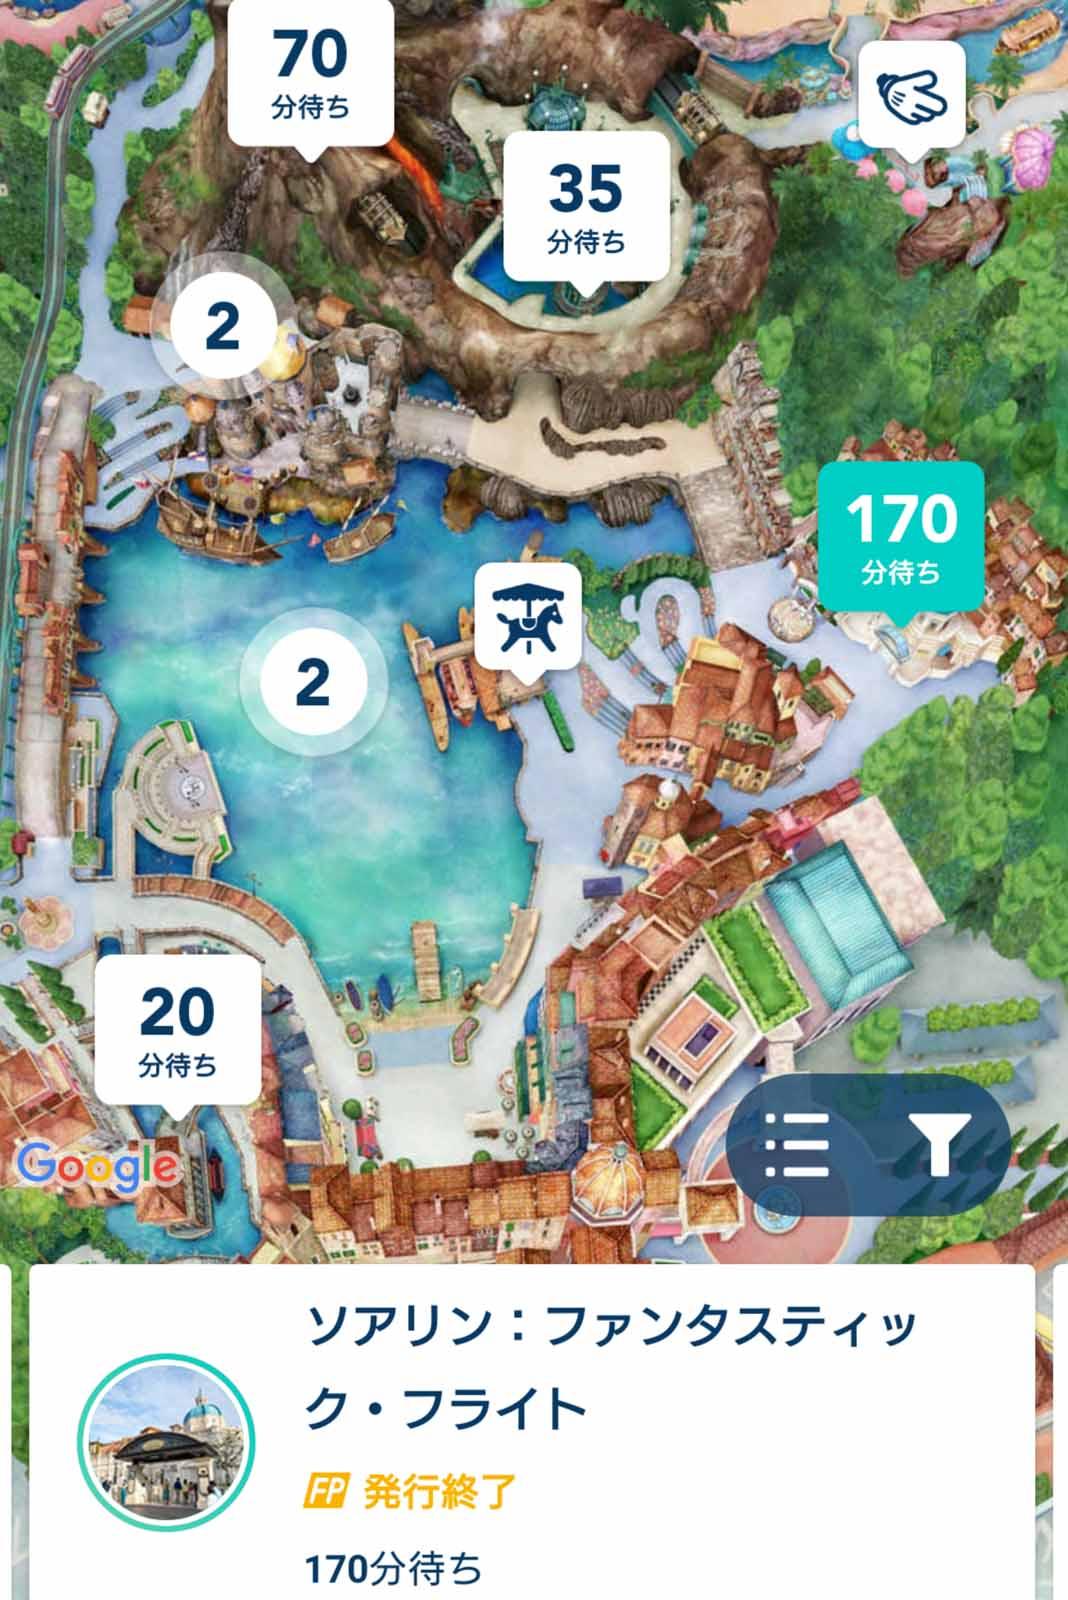 東京ディズニーシー 新アトラクション ソアリン:ファンタスティック・フライト